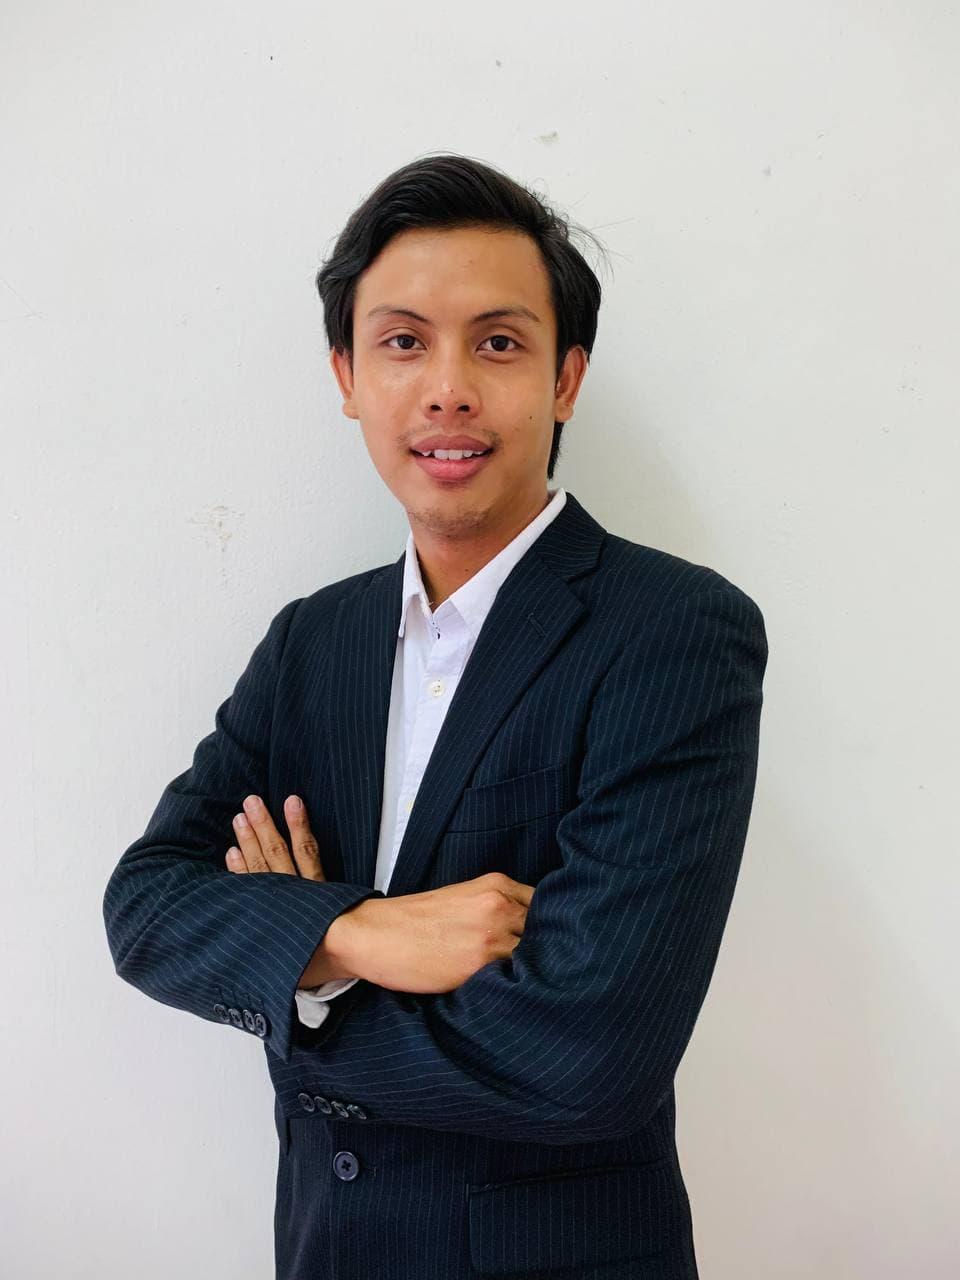 Fadil Bin Mohd Razib